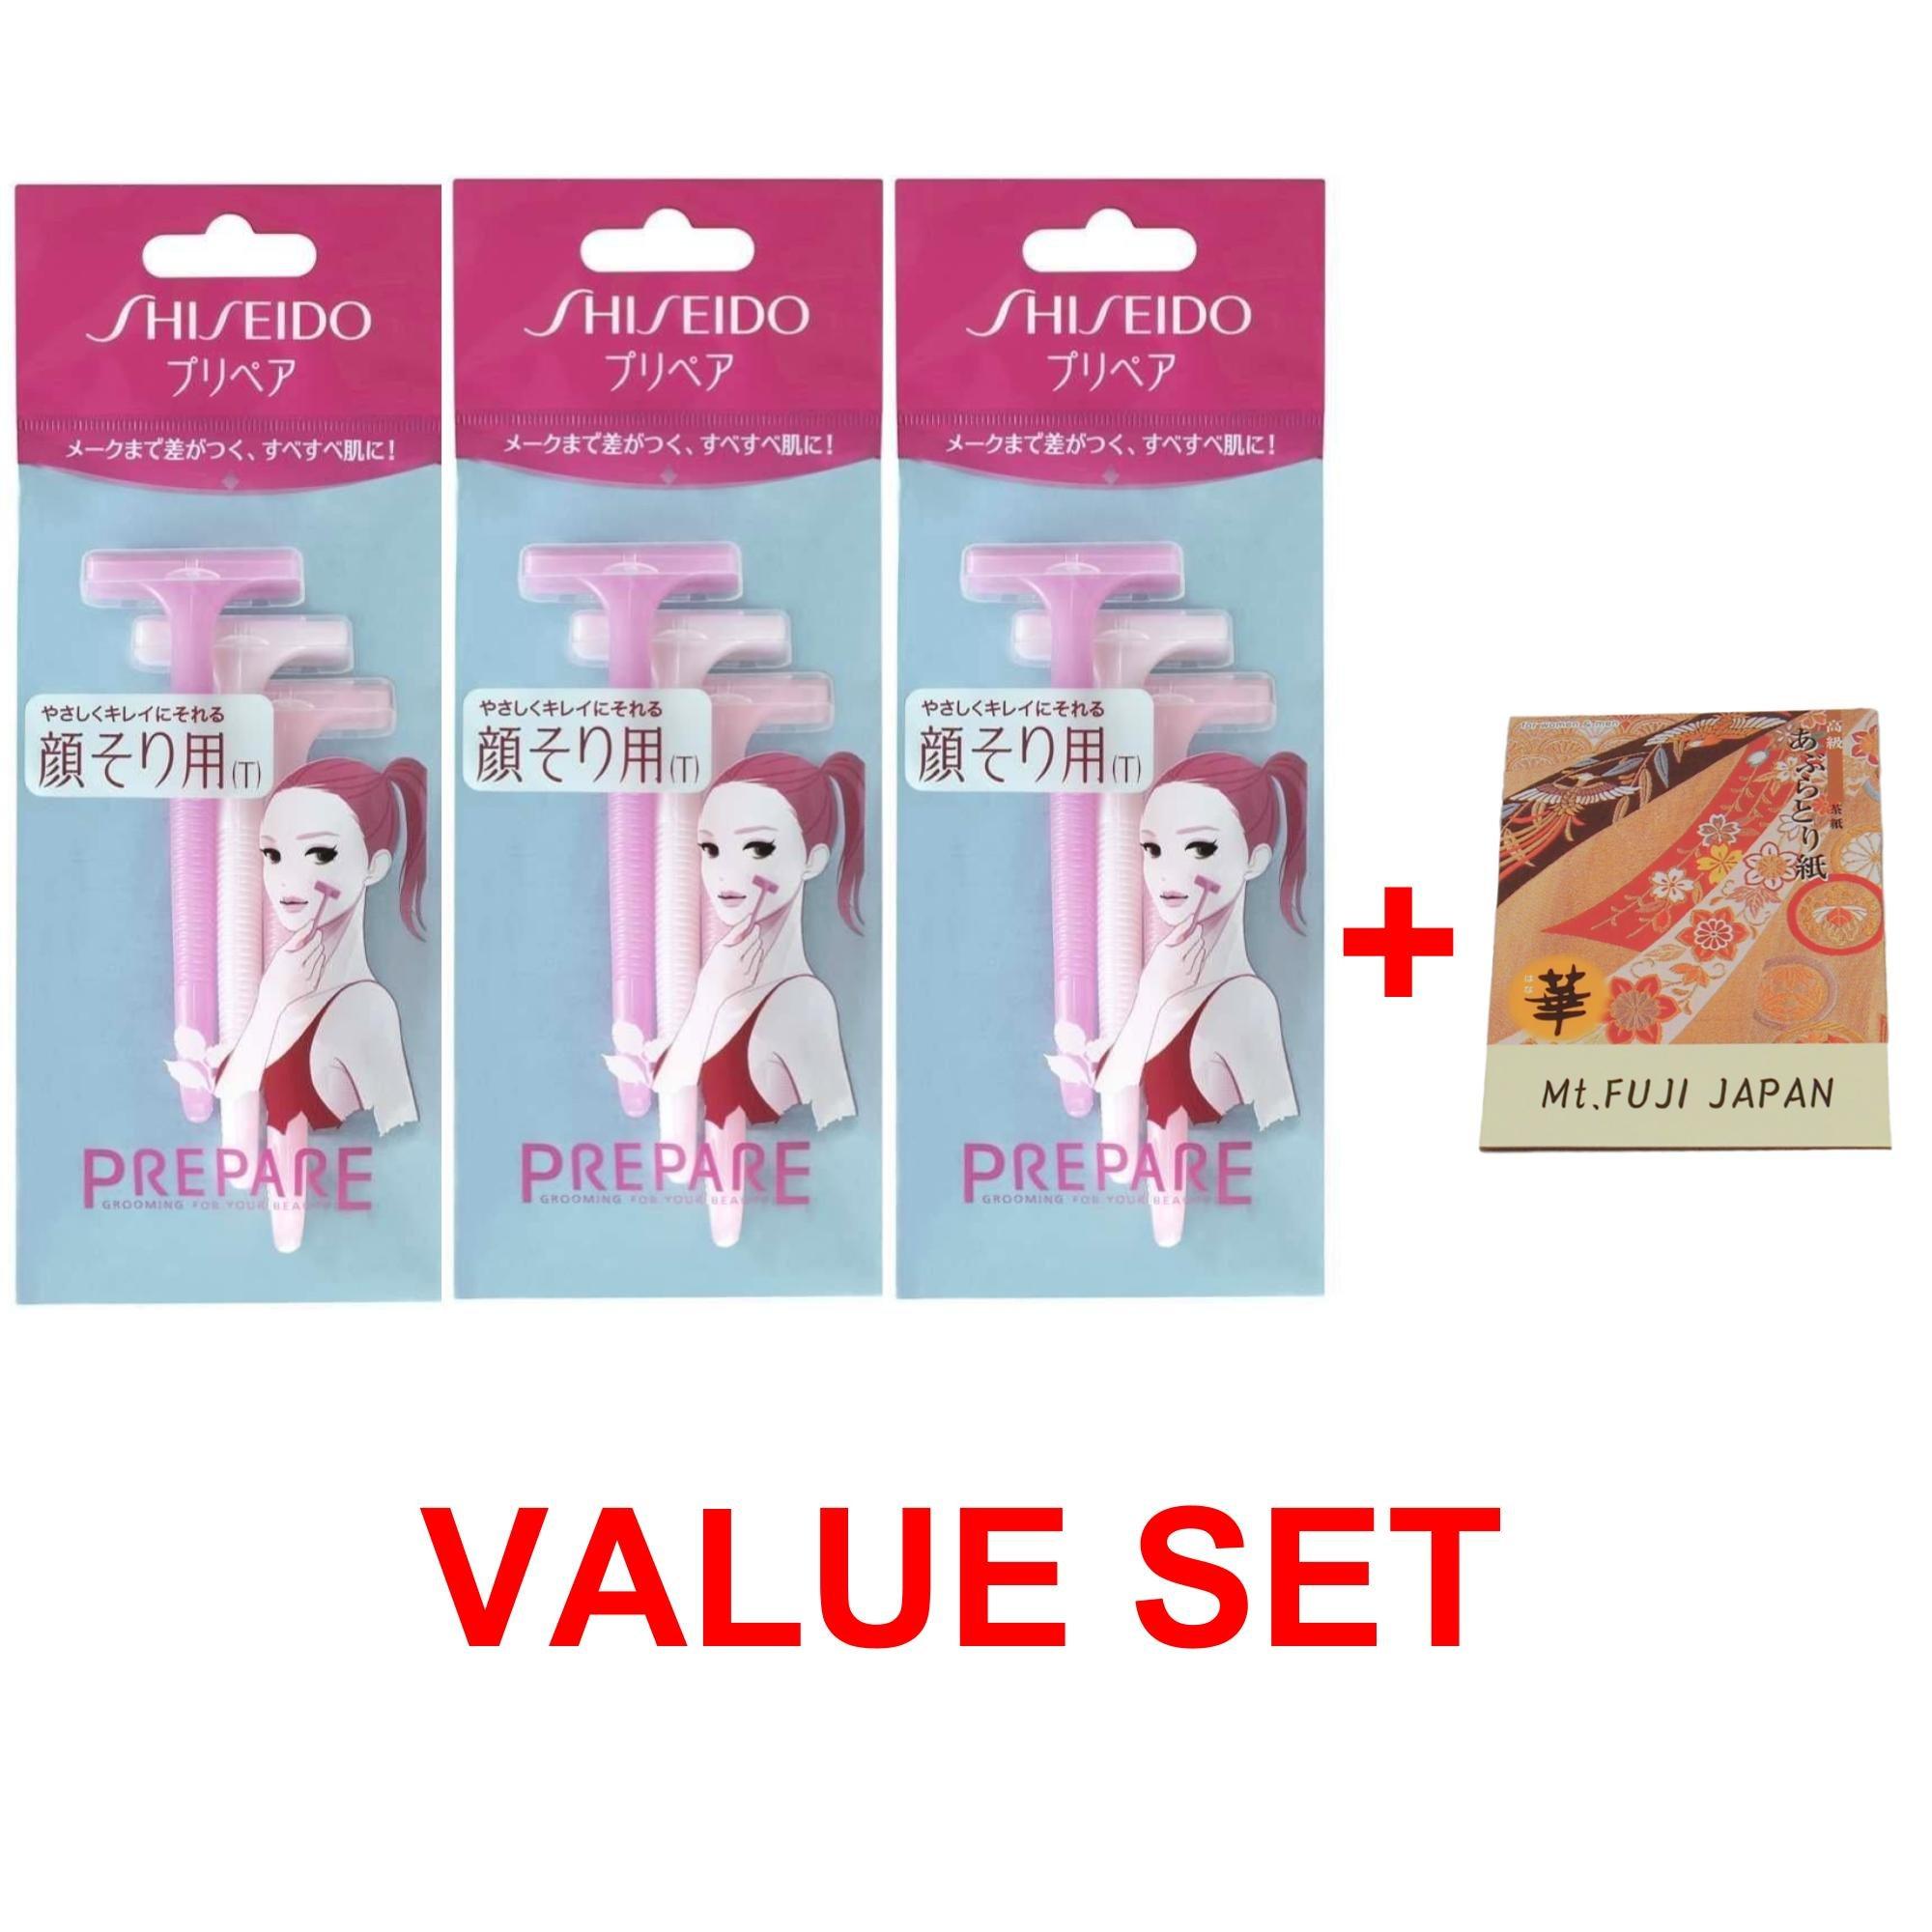 Shiseido Facial Razor T-Shaped 3pcs x 3 Pack (total 9 pcs) with Premium Oil Blotting Paper Value Set